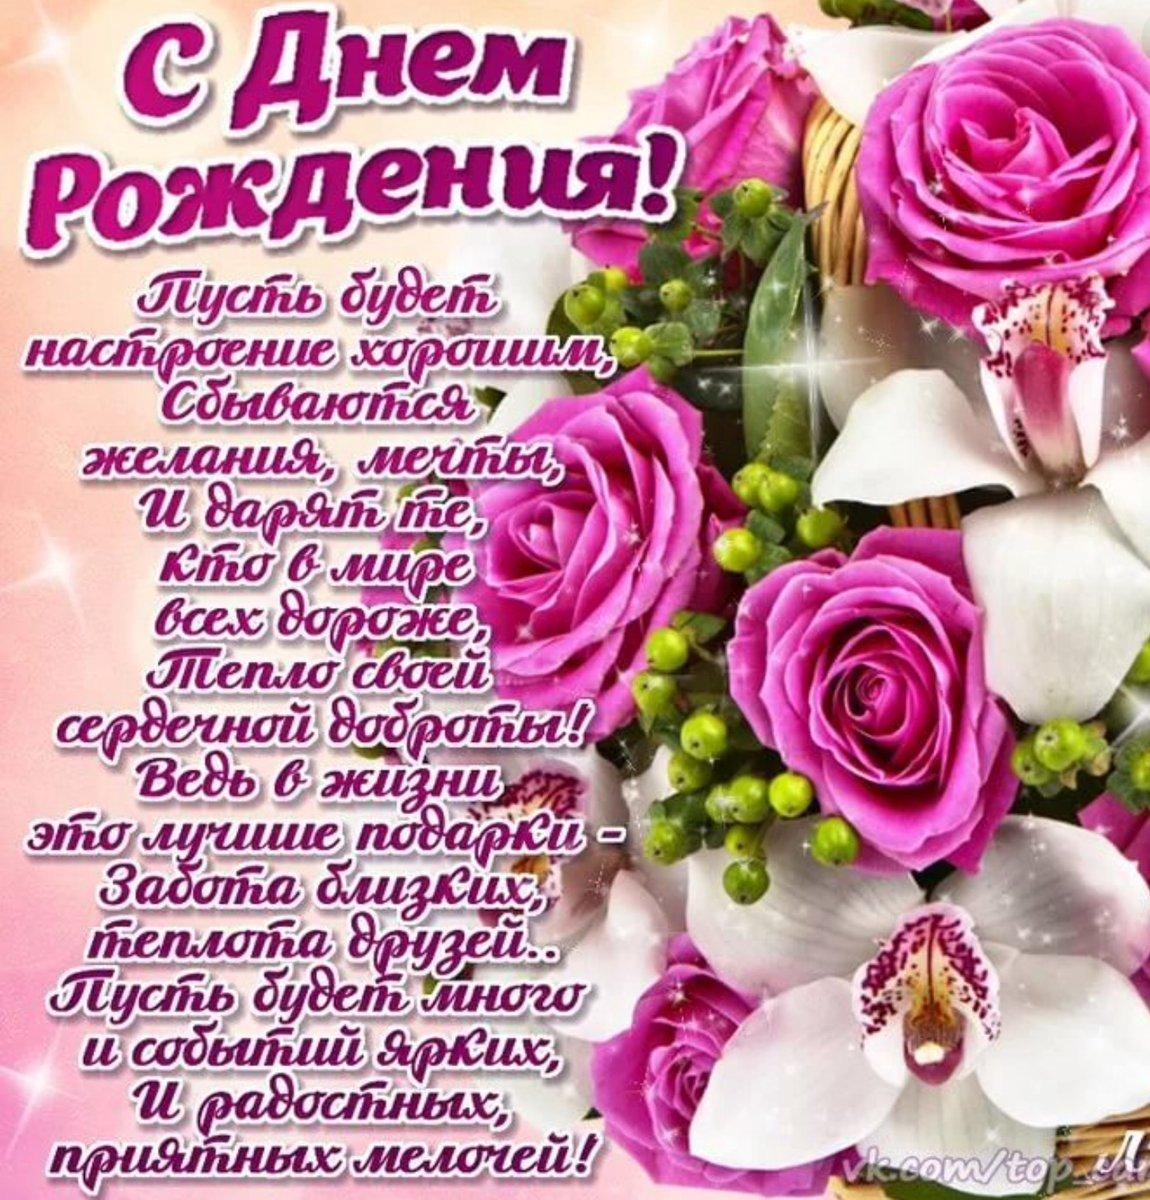 Открытки поздравления с днем рождения женщине красивые короткие